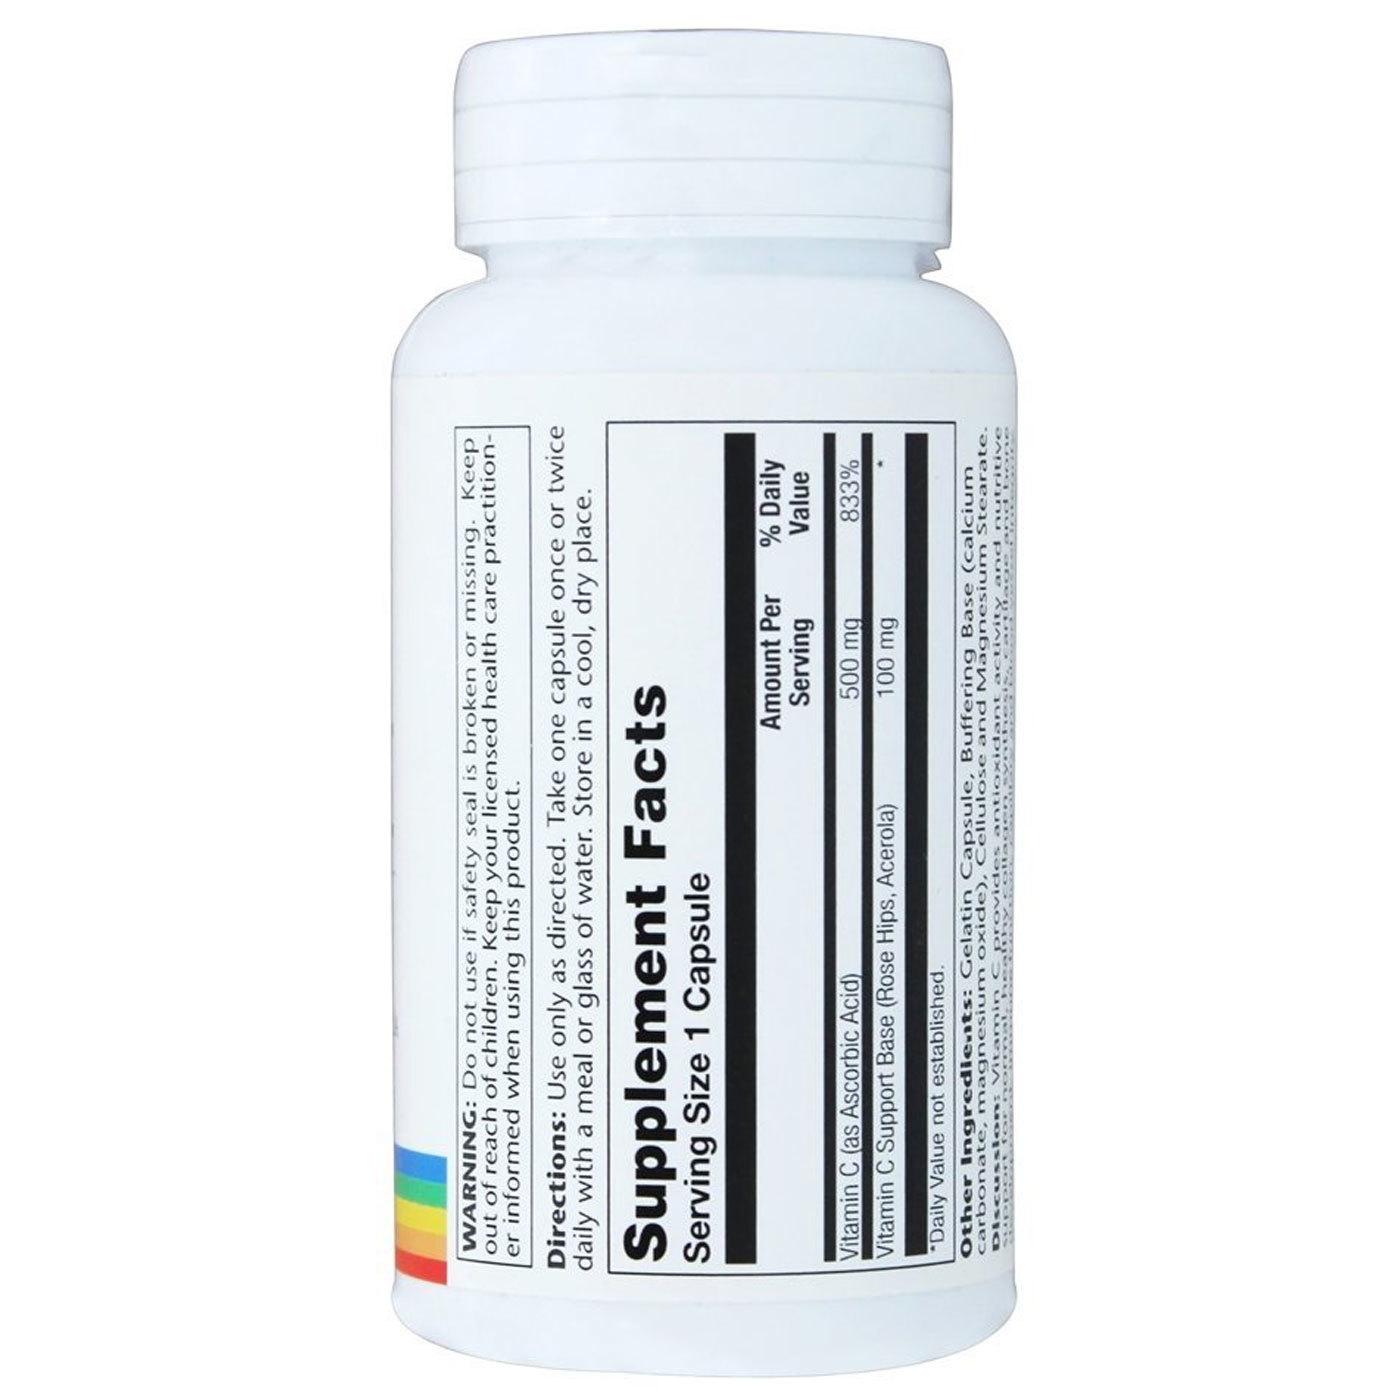 Solaray Vitamin C - 500 mg - 100 Capsules